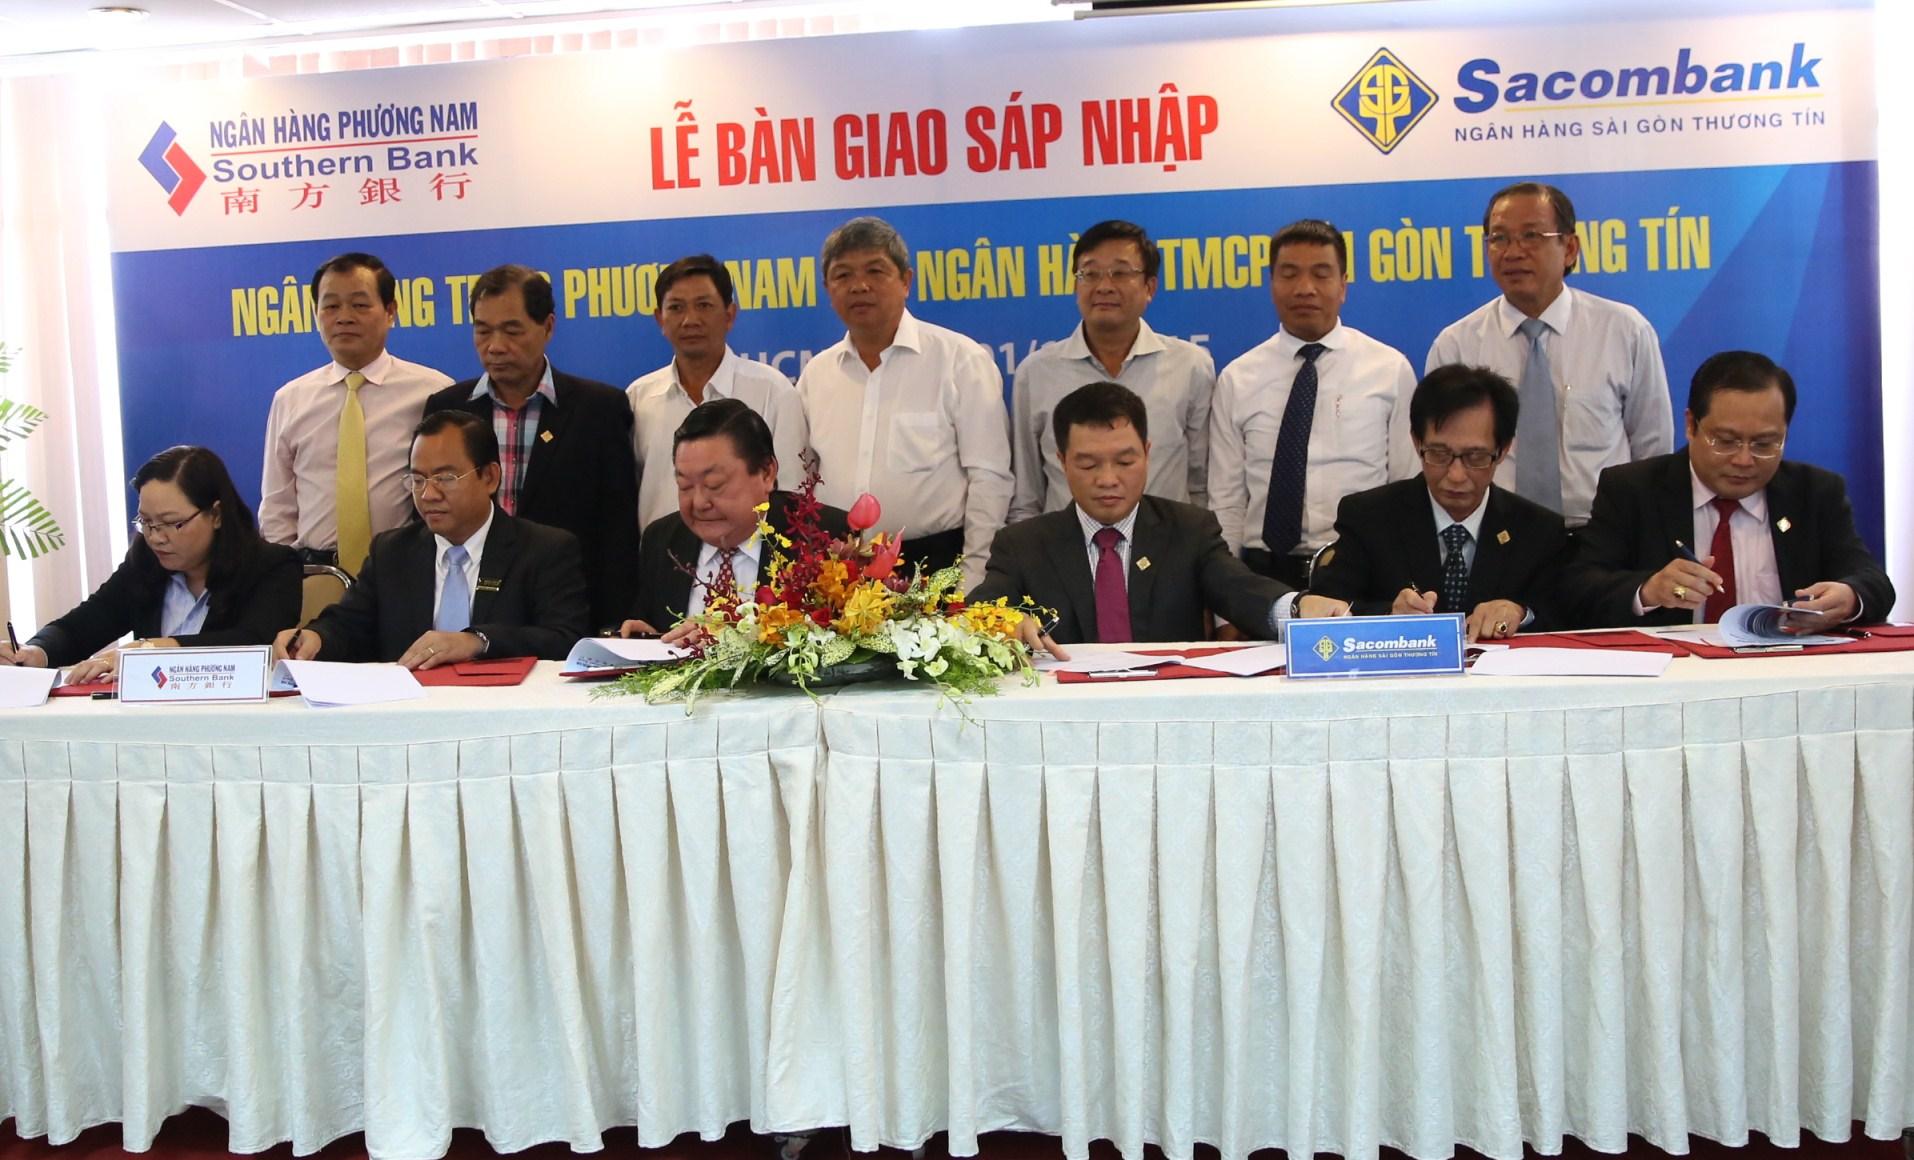 Ký kết bàn giao chính thức sáp nhập Southern Bank vào Sacombank